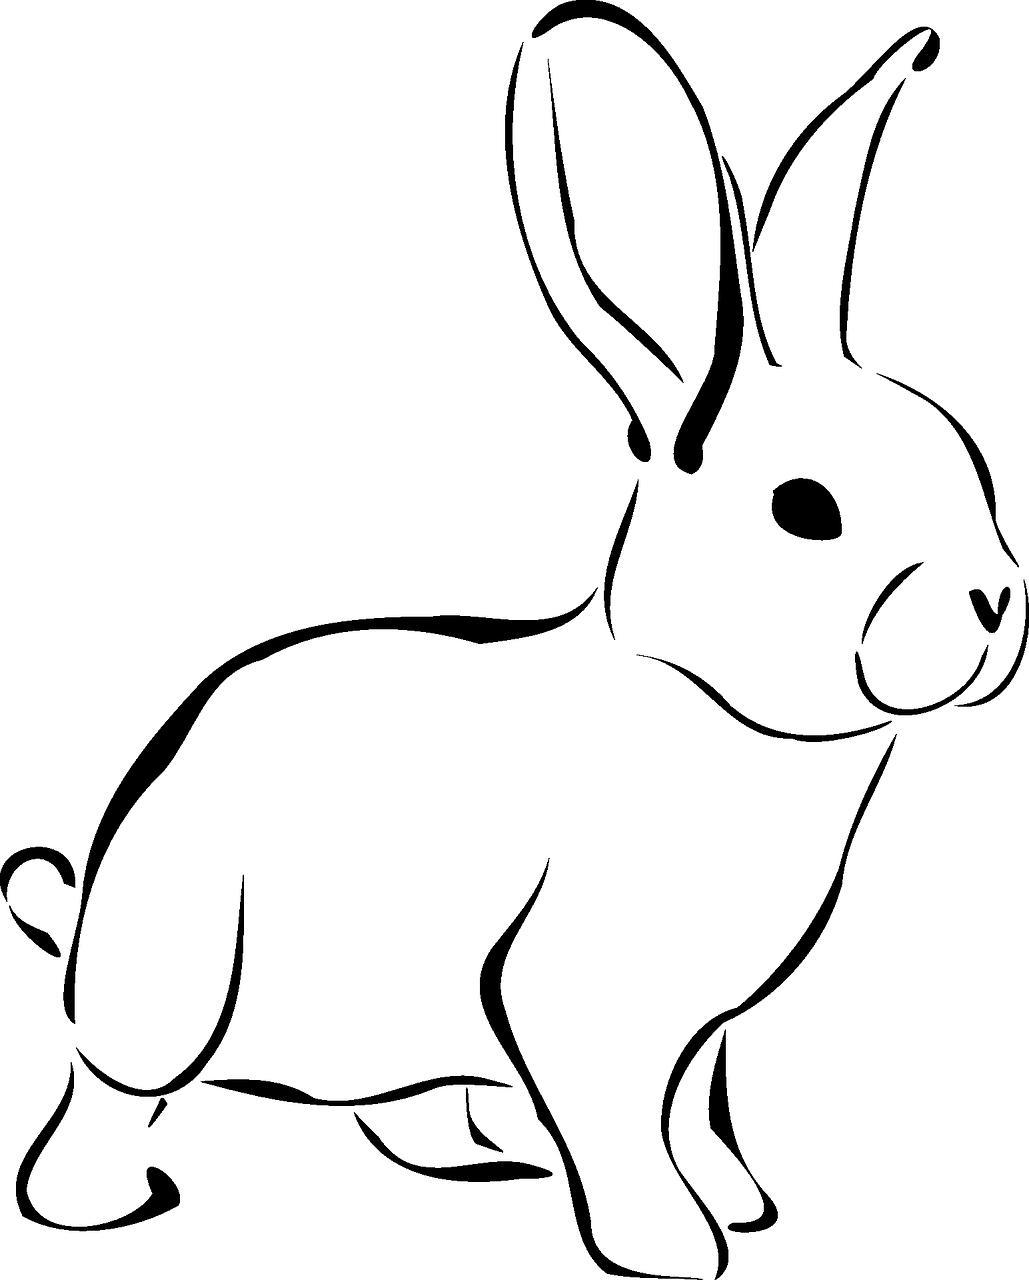 Kostenloses Bild Auf Pixabay Kaninchen Tier Tierwelt Natur